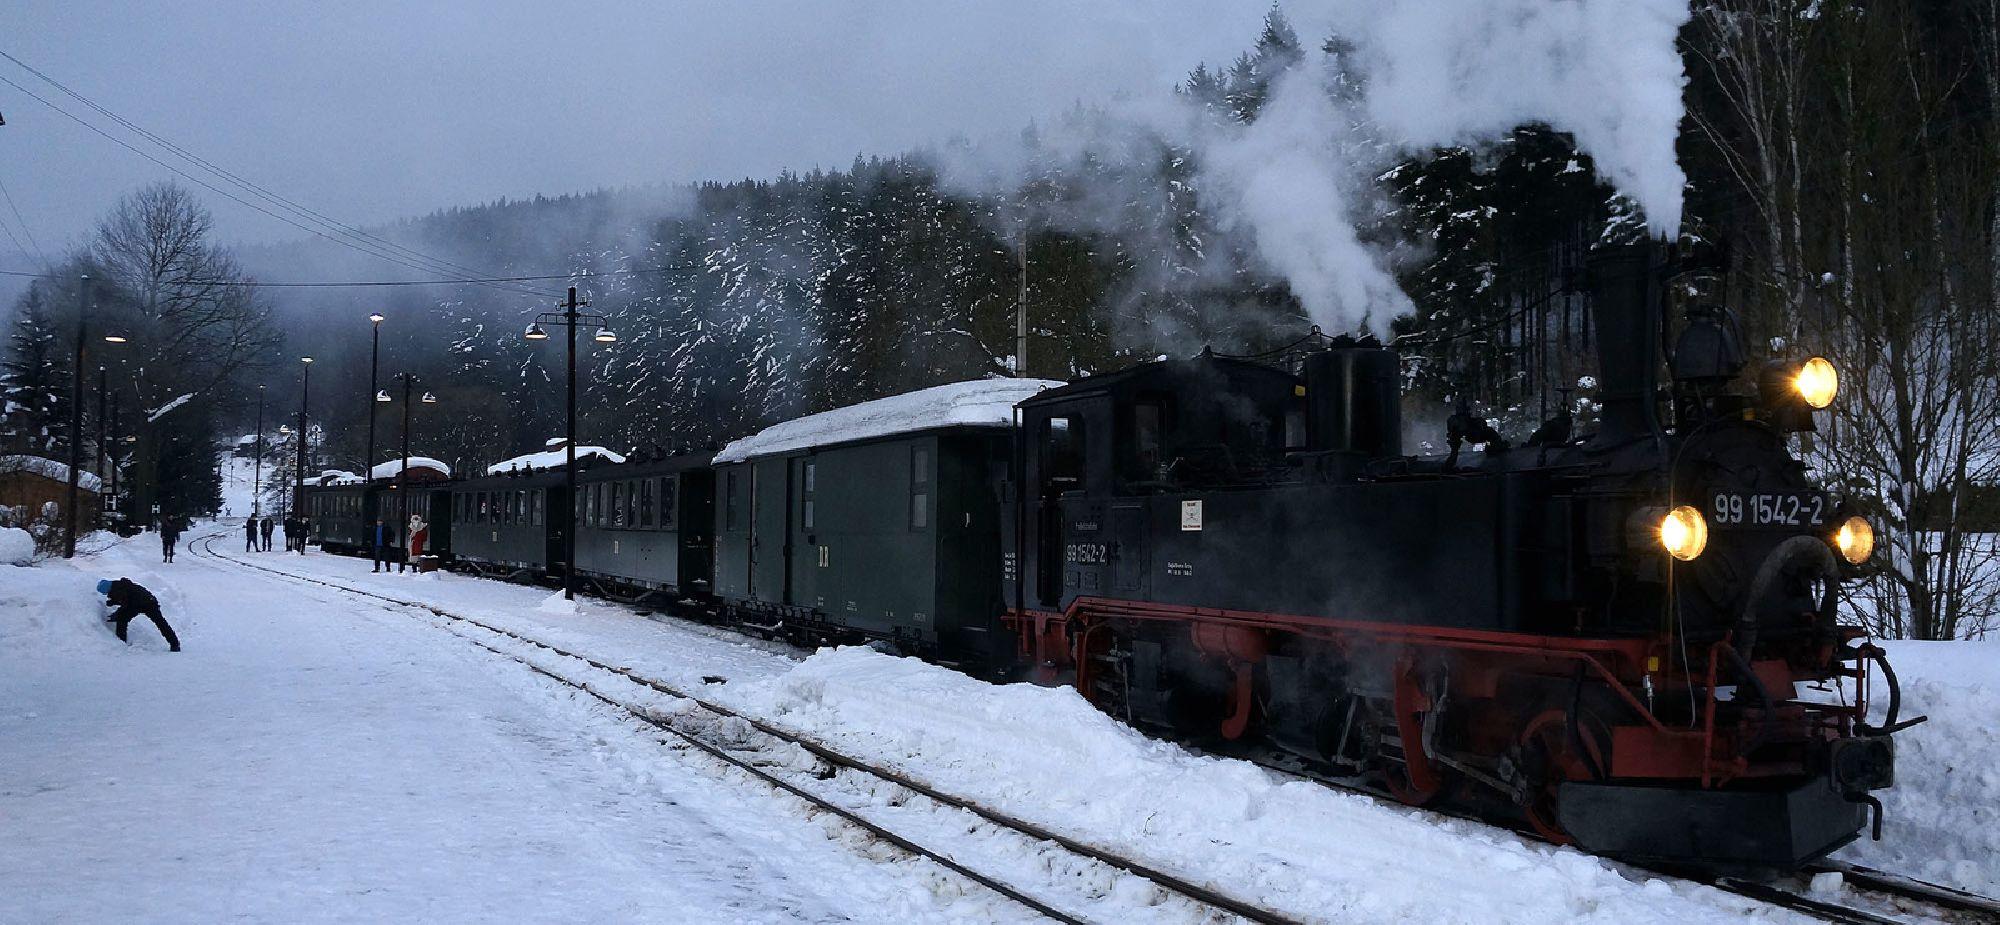 Dampflokfahrt mit der Pressnitztalbahn